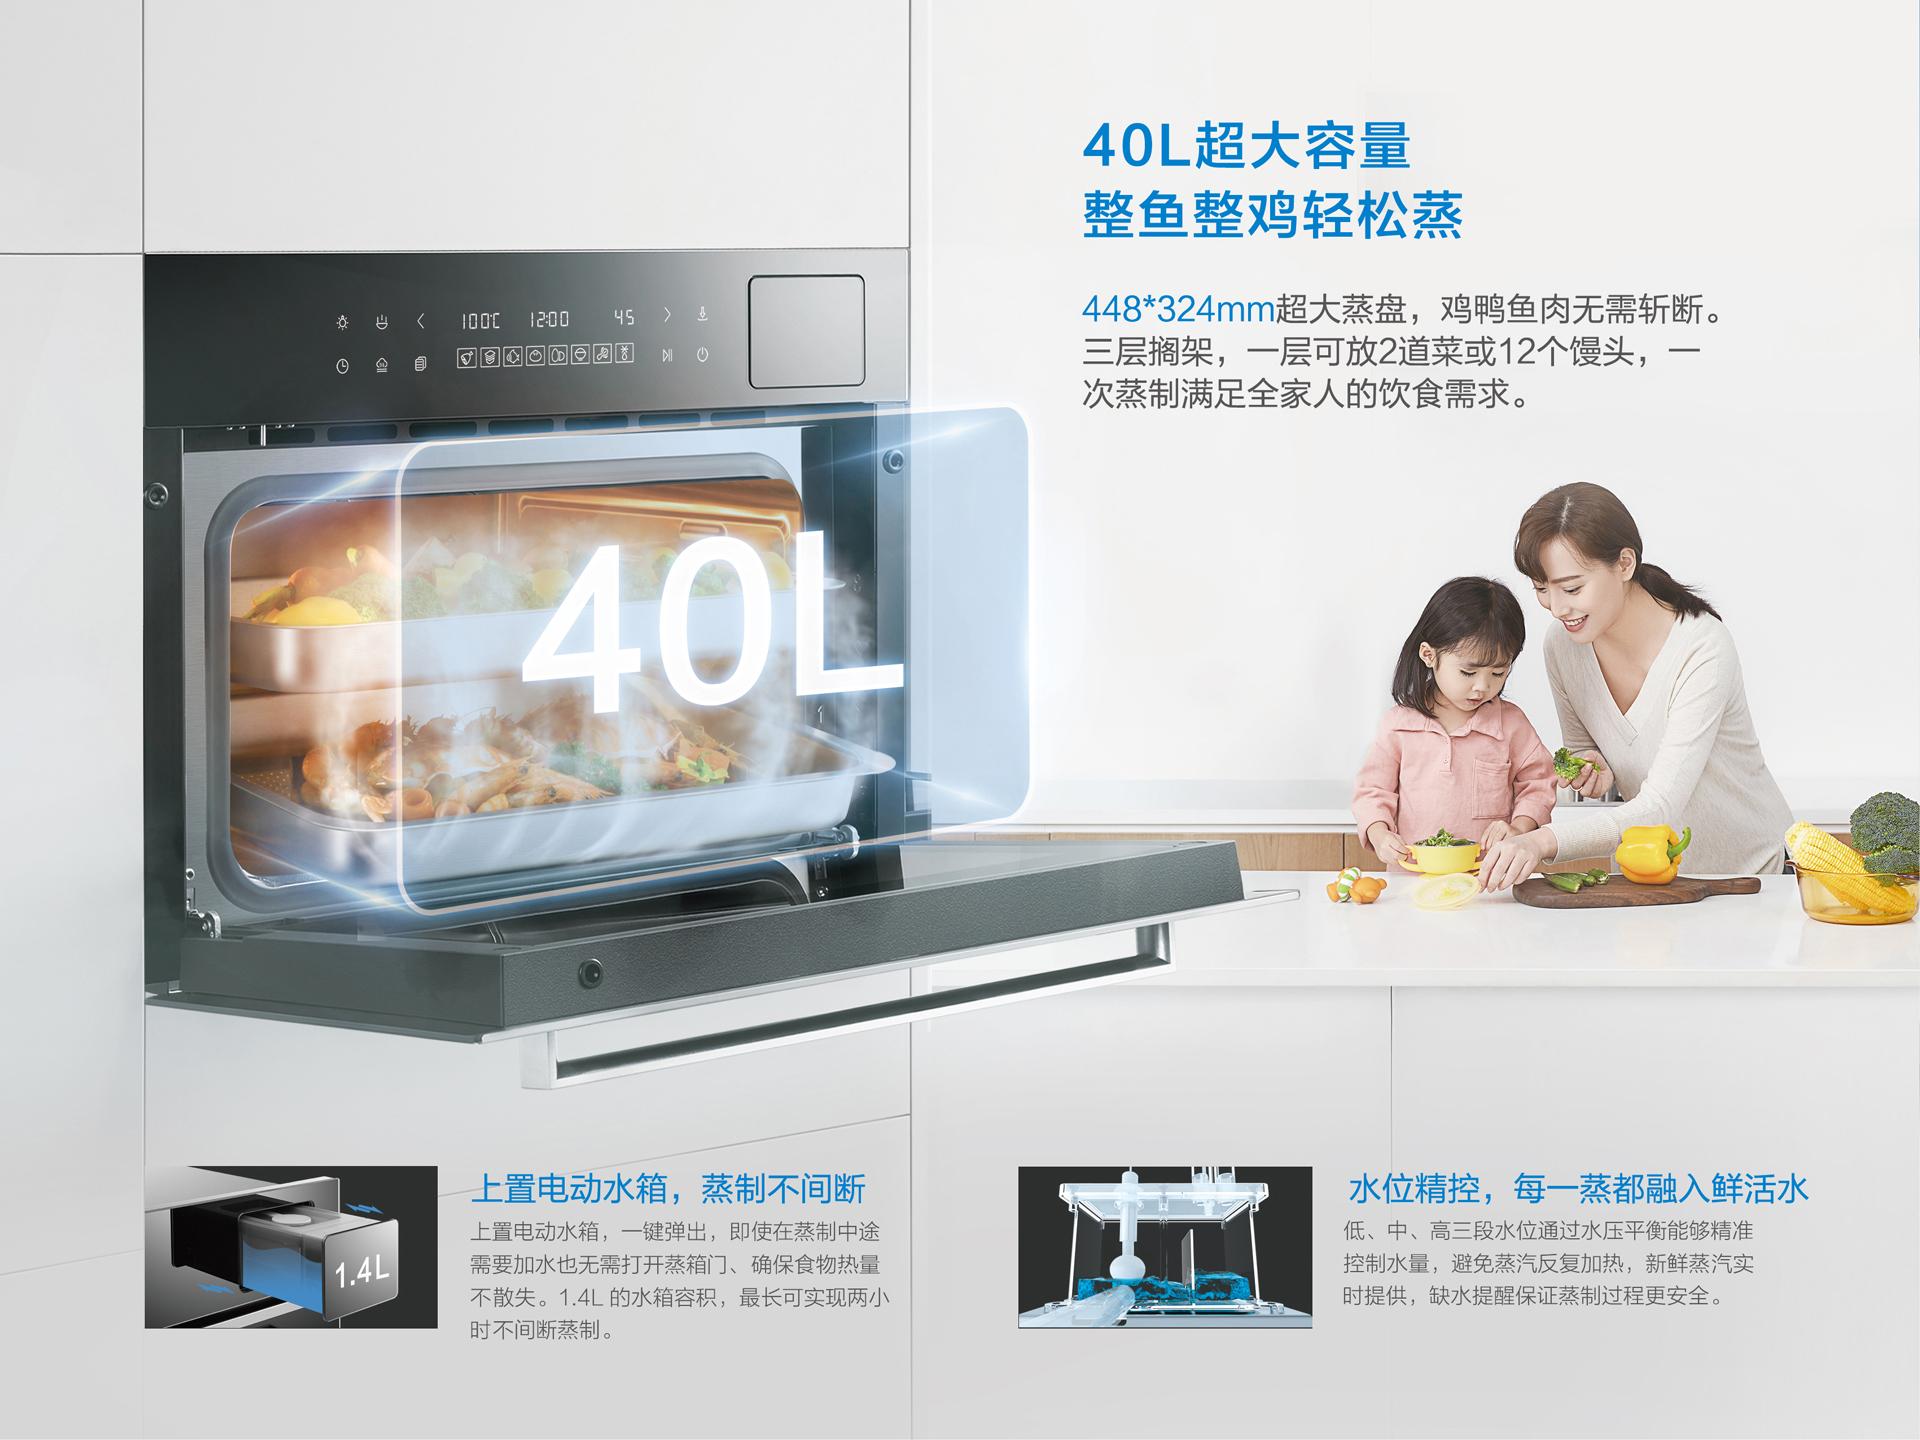 老板电器蒸烤经典系列-SQ229-RQ019册子-内页-5-6_01.jpg